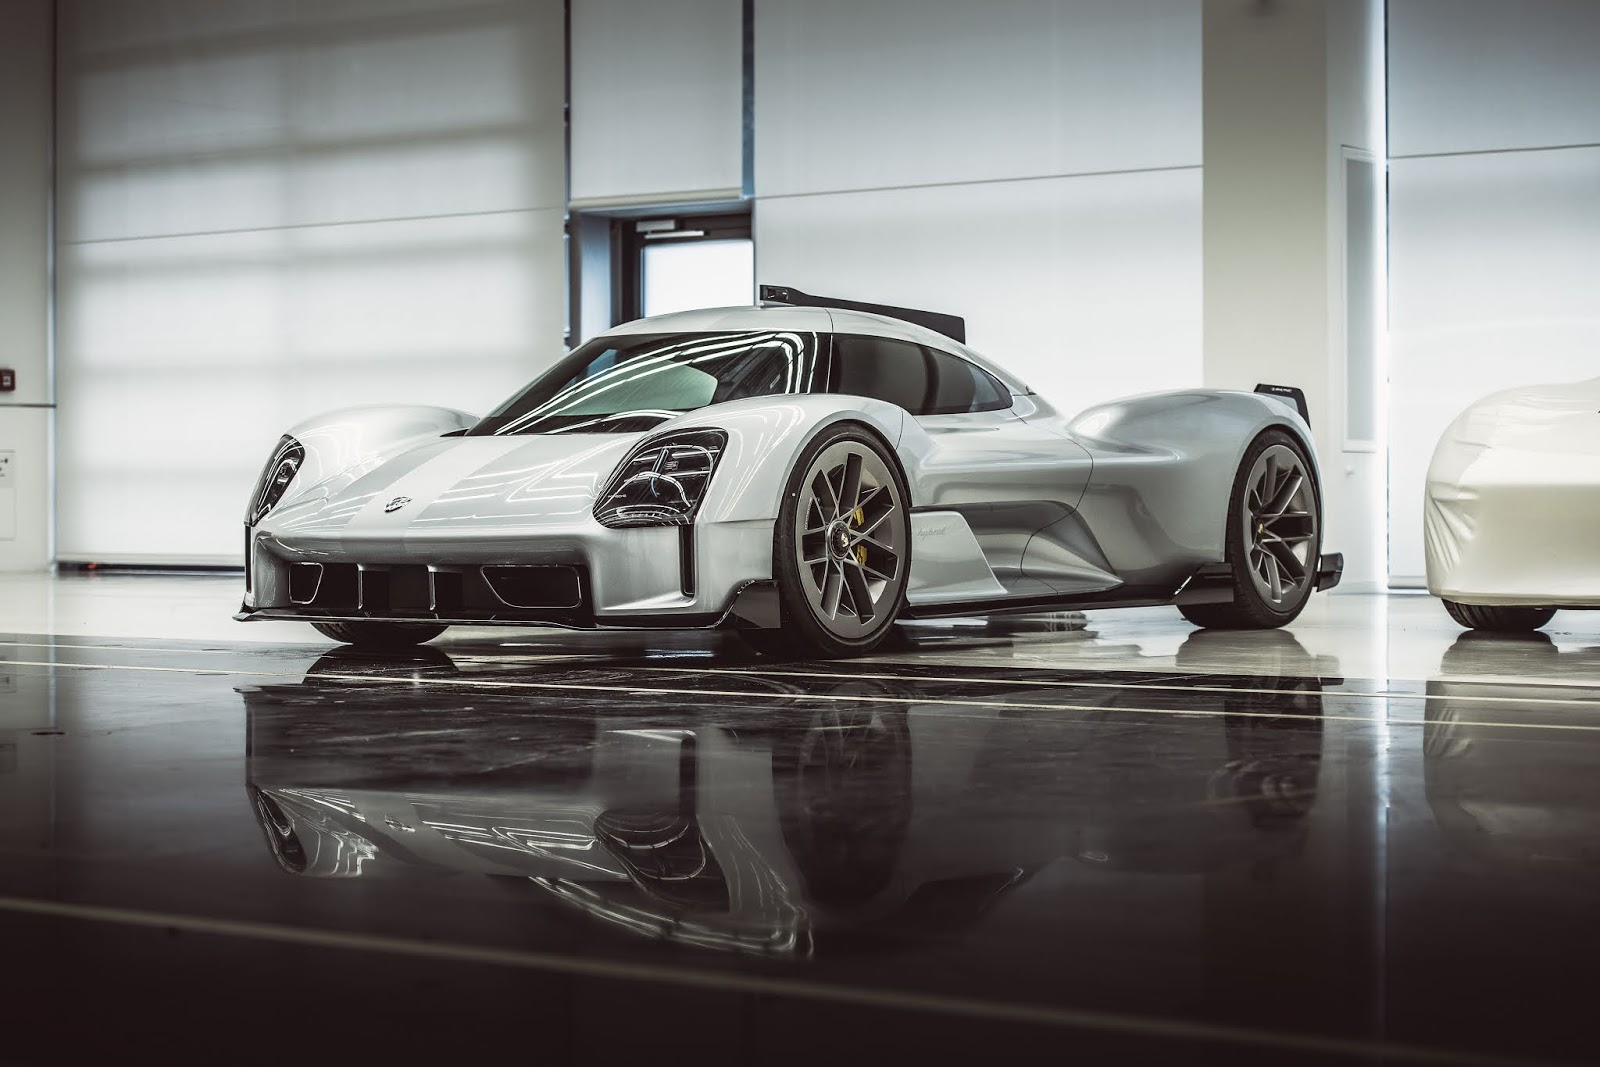 CVS0447 2 Τα άγνωστα Hypercars της Porsche hypercar, Porsche, Porsche Unseen, Sunday, supercar, supercars, zblog, ειδήσεις